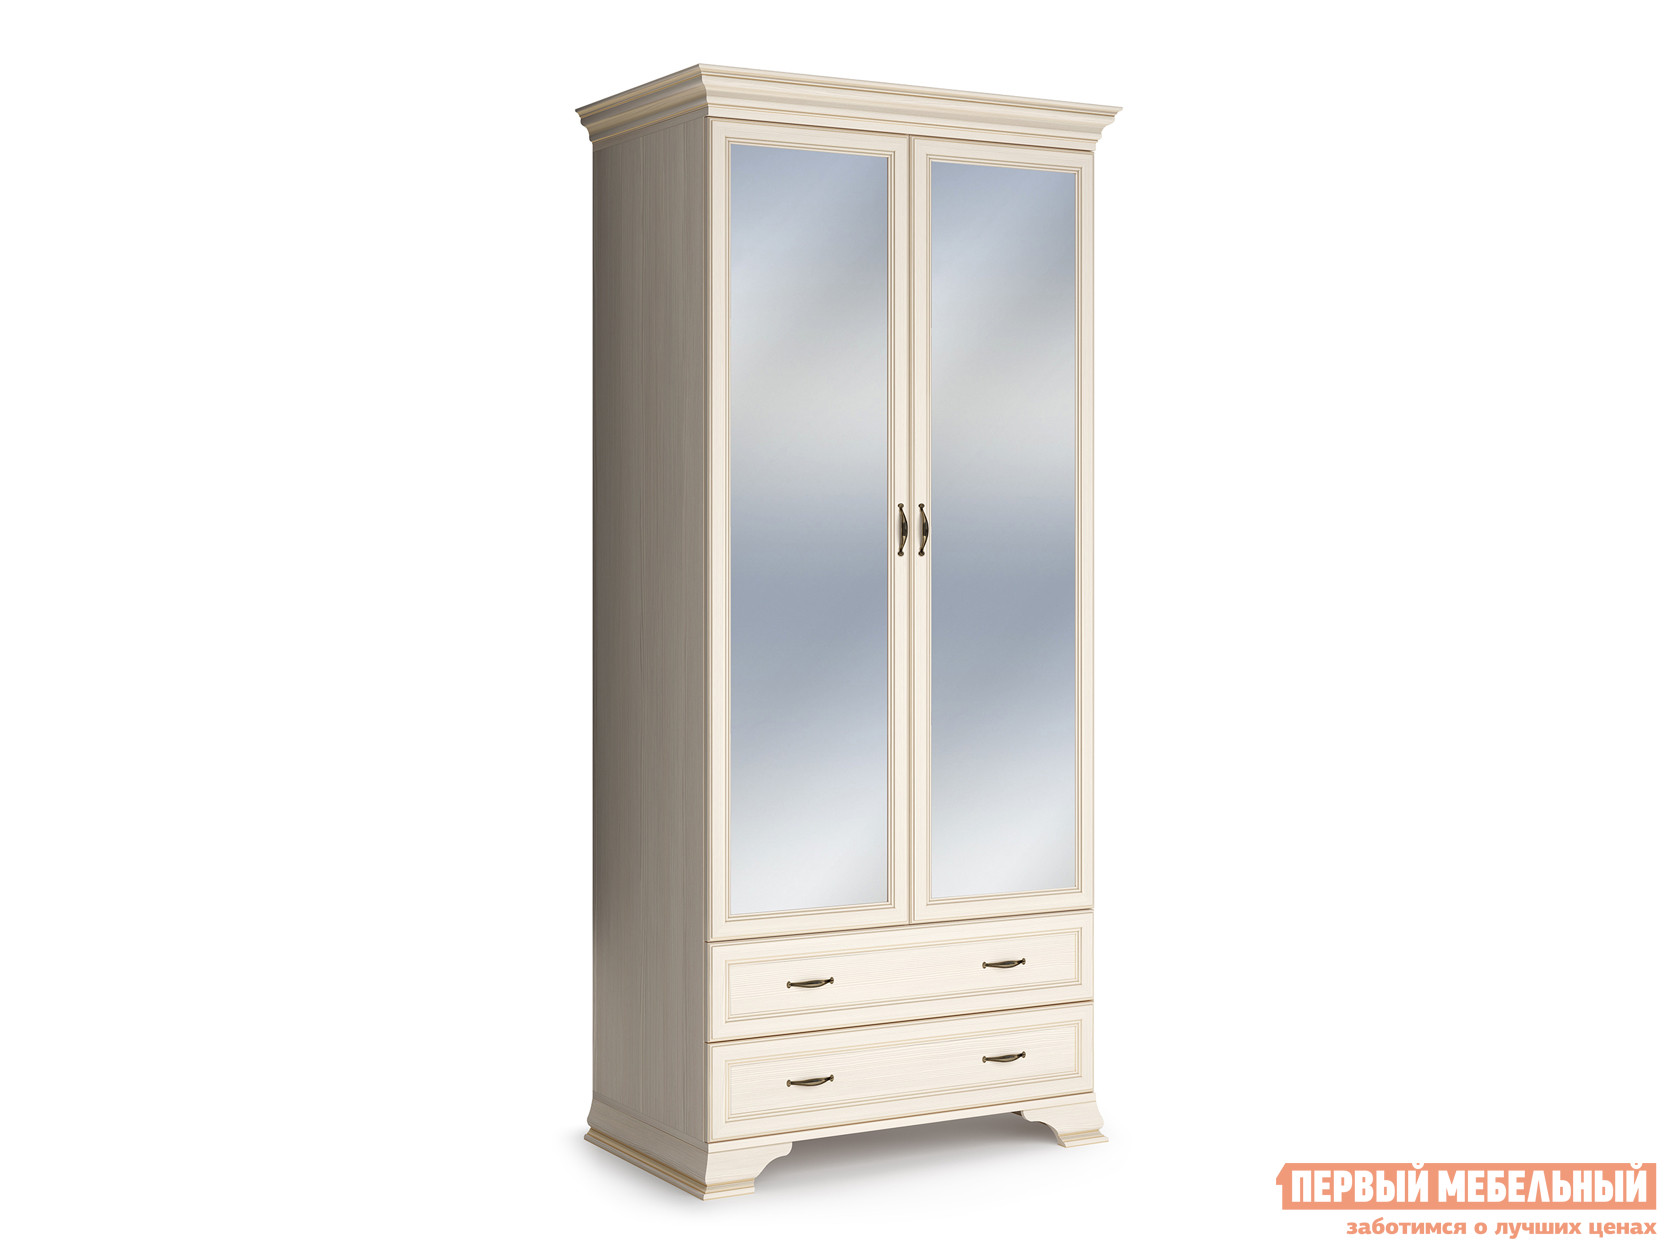 Распашной шкаф  2-х дверный Сиена Бодега белый, патина золото, С двумя зеркалами КУРАЖ 86326